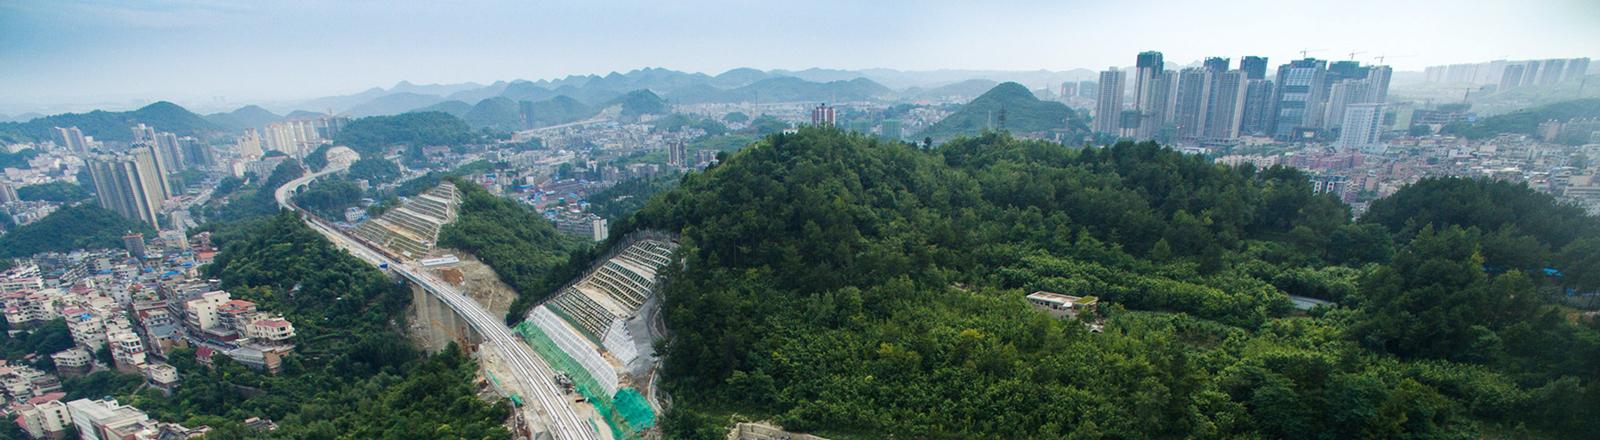 Guiyang City, 4,6 Millionen Stadt im Südwesten Chinas